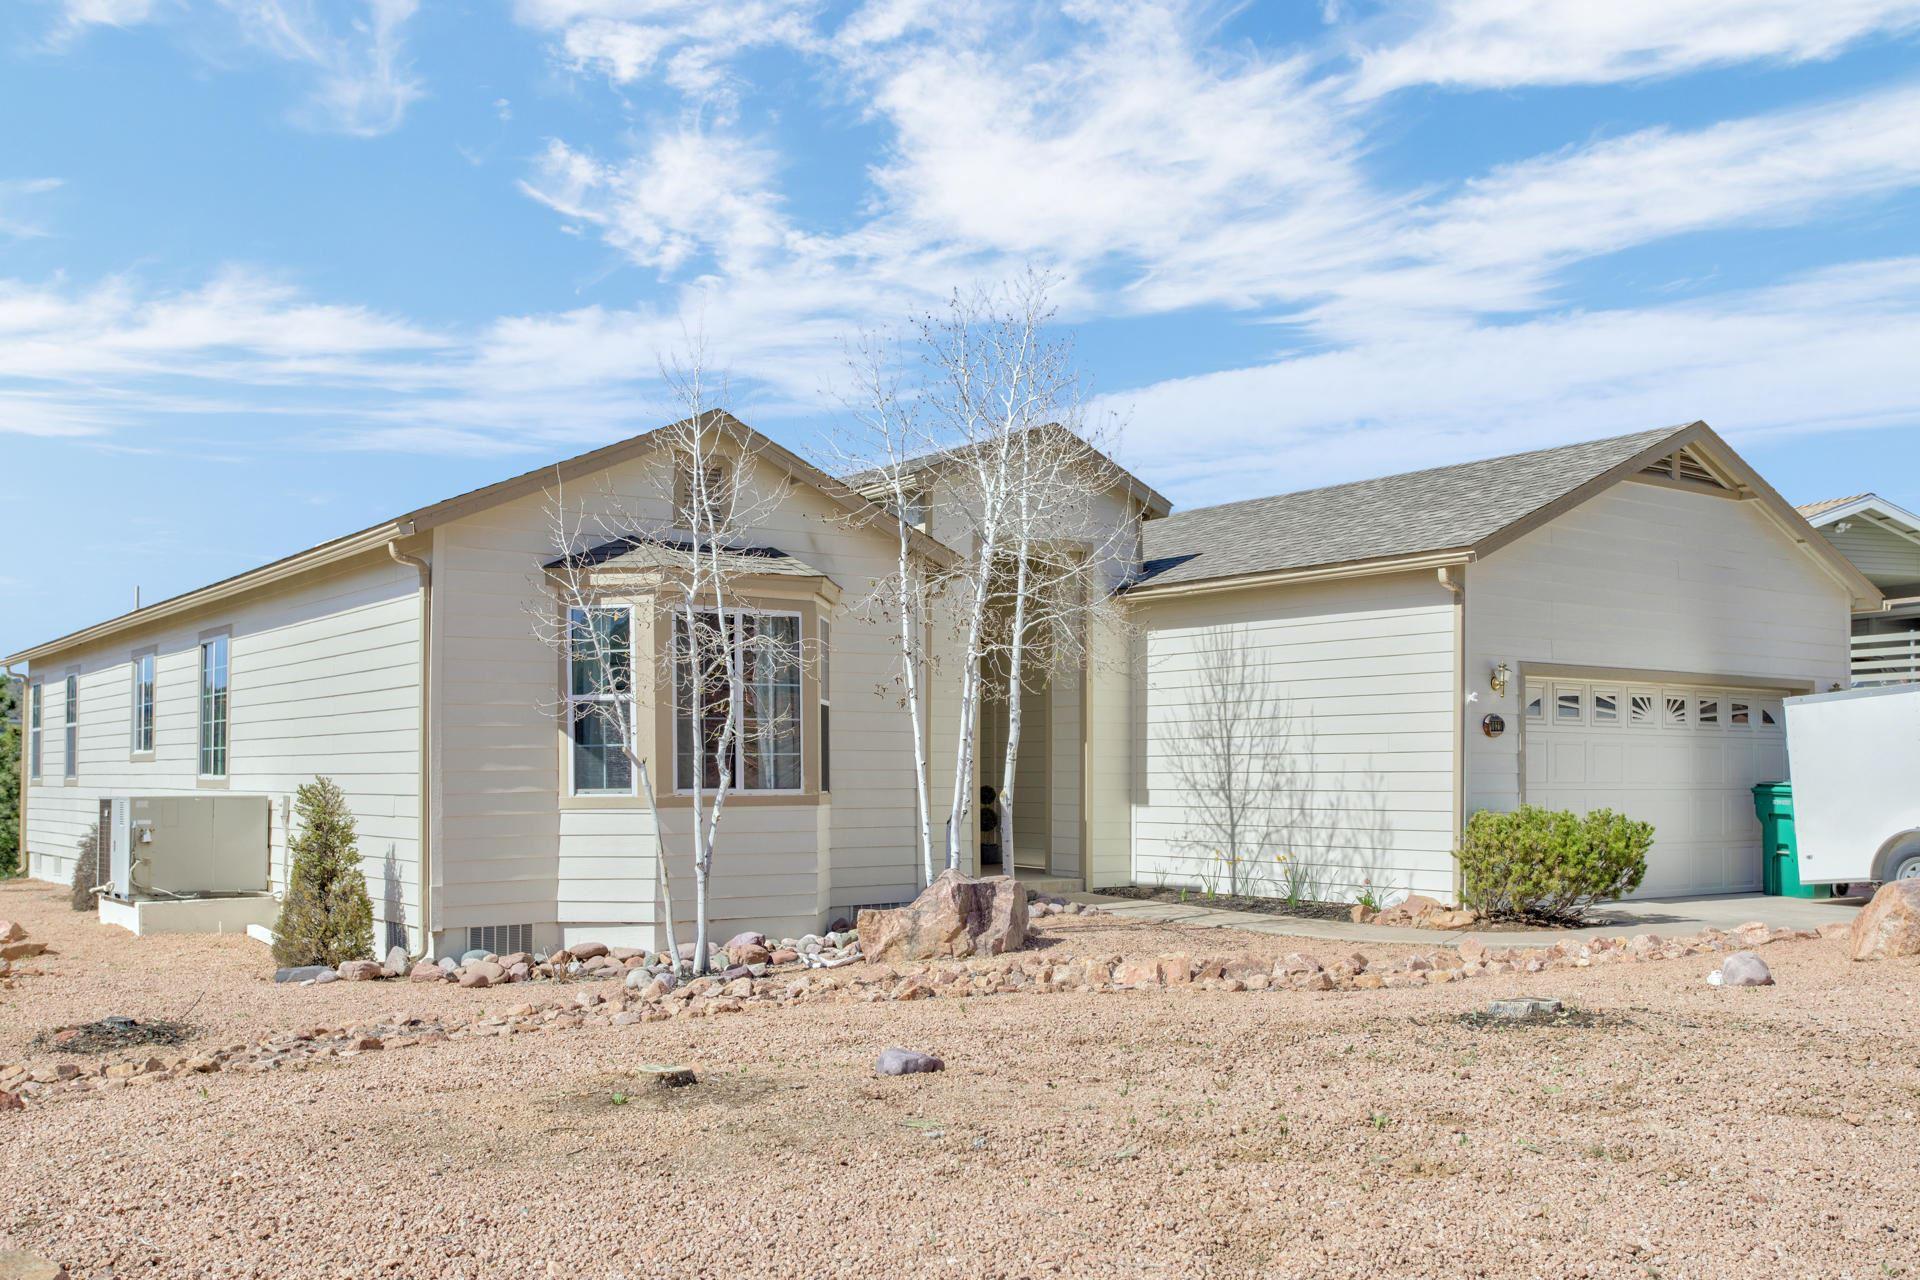 1021 W Rim View Road, Payson, AZ 85541 - MLS#: 6219843